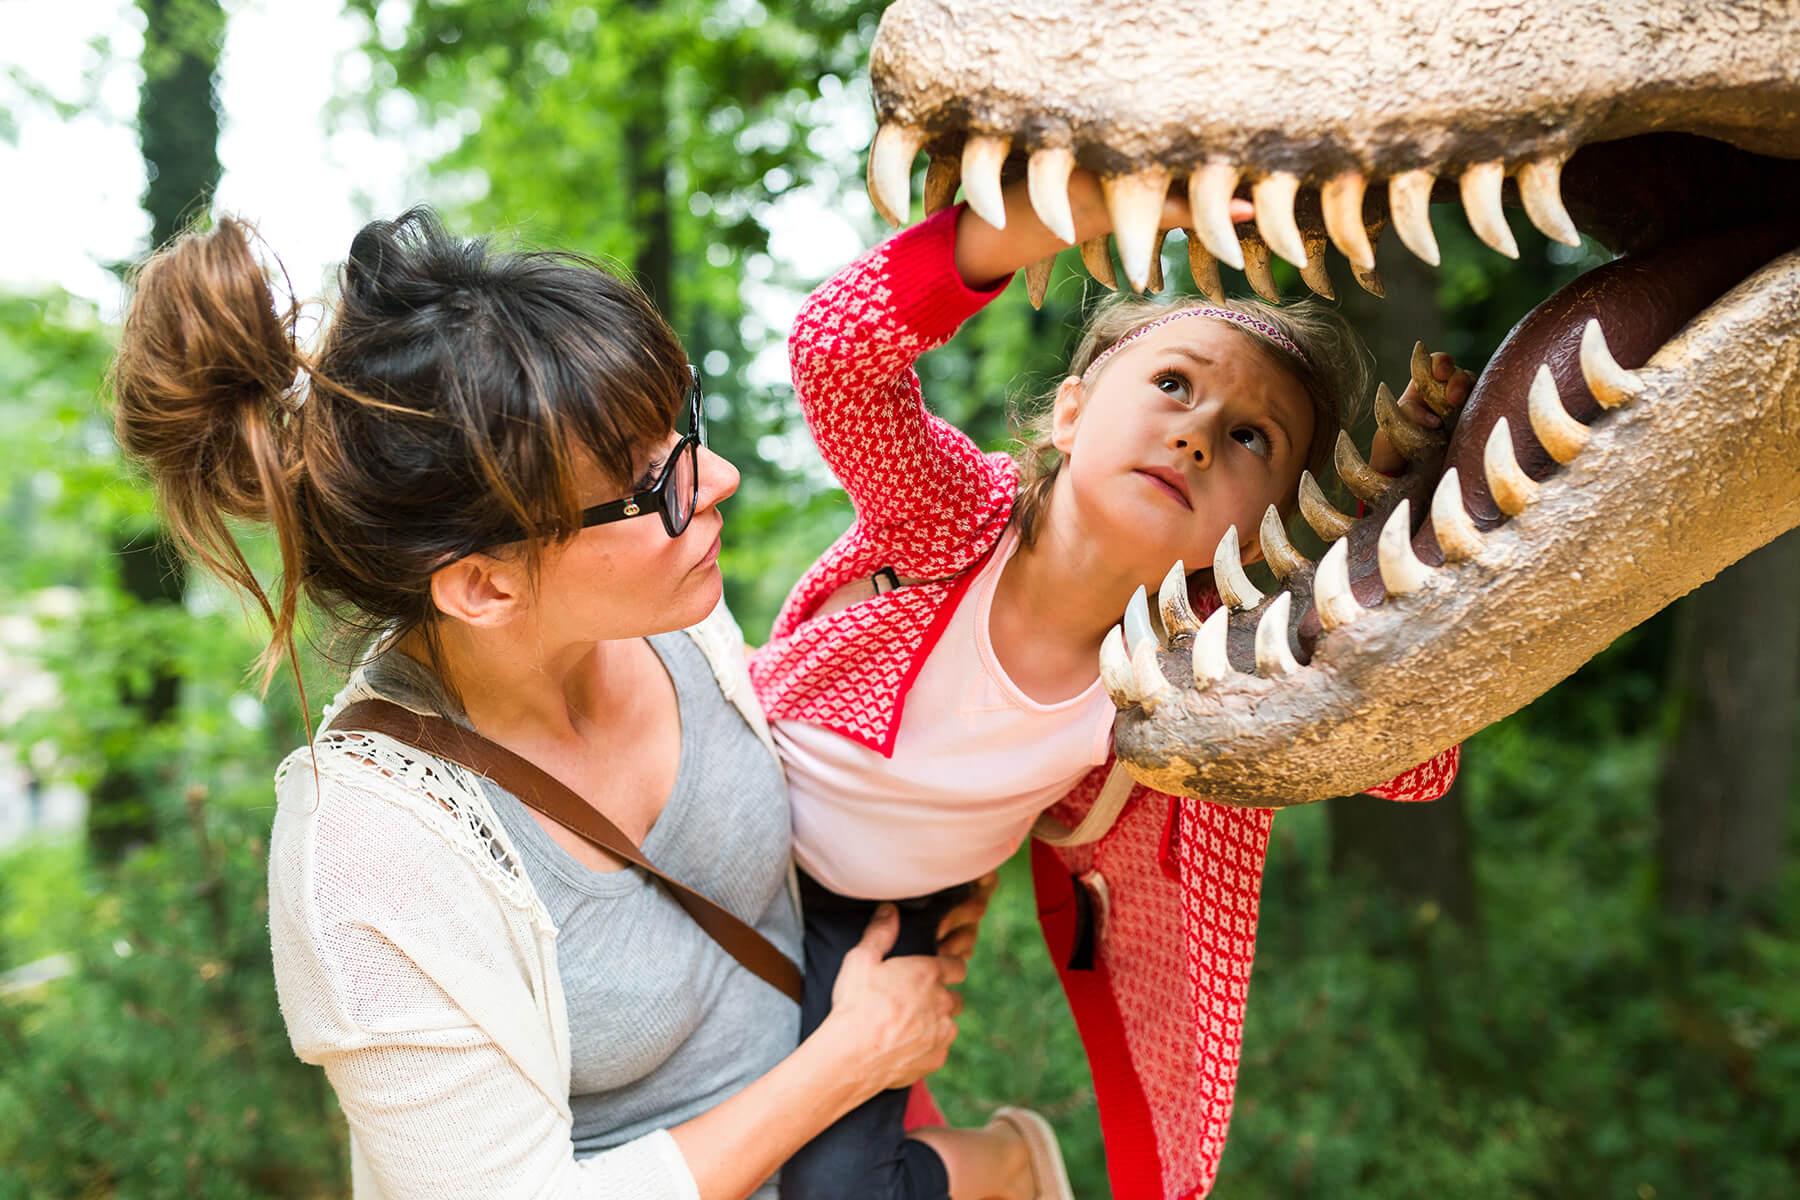 Trixi Ferienpark Zittauer Gebirge Angebote Familien Saurierpark Bautzen